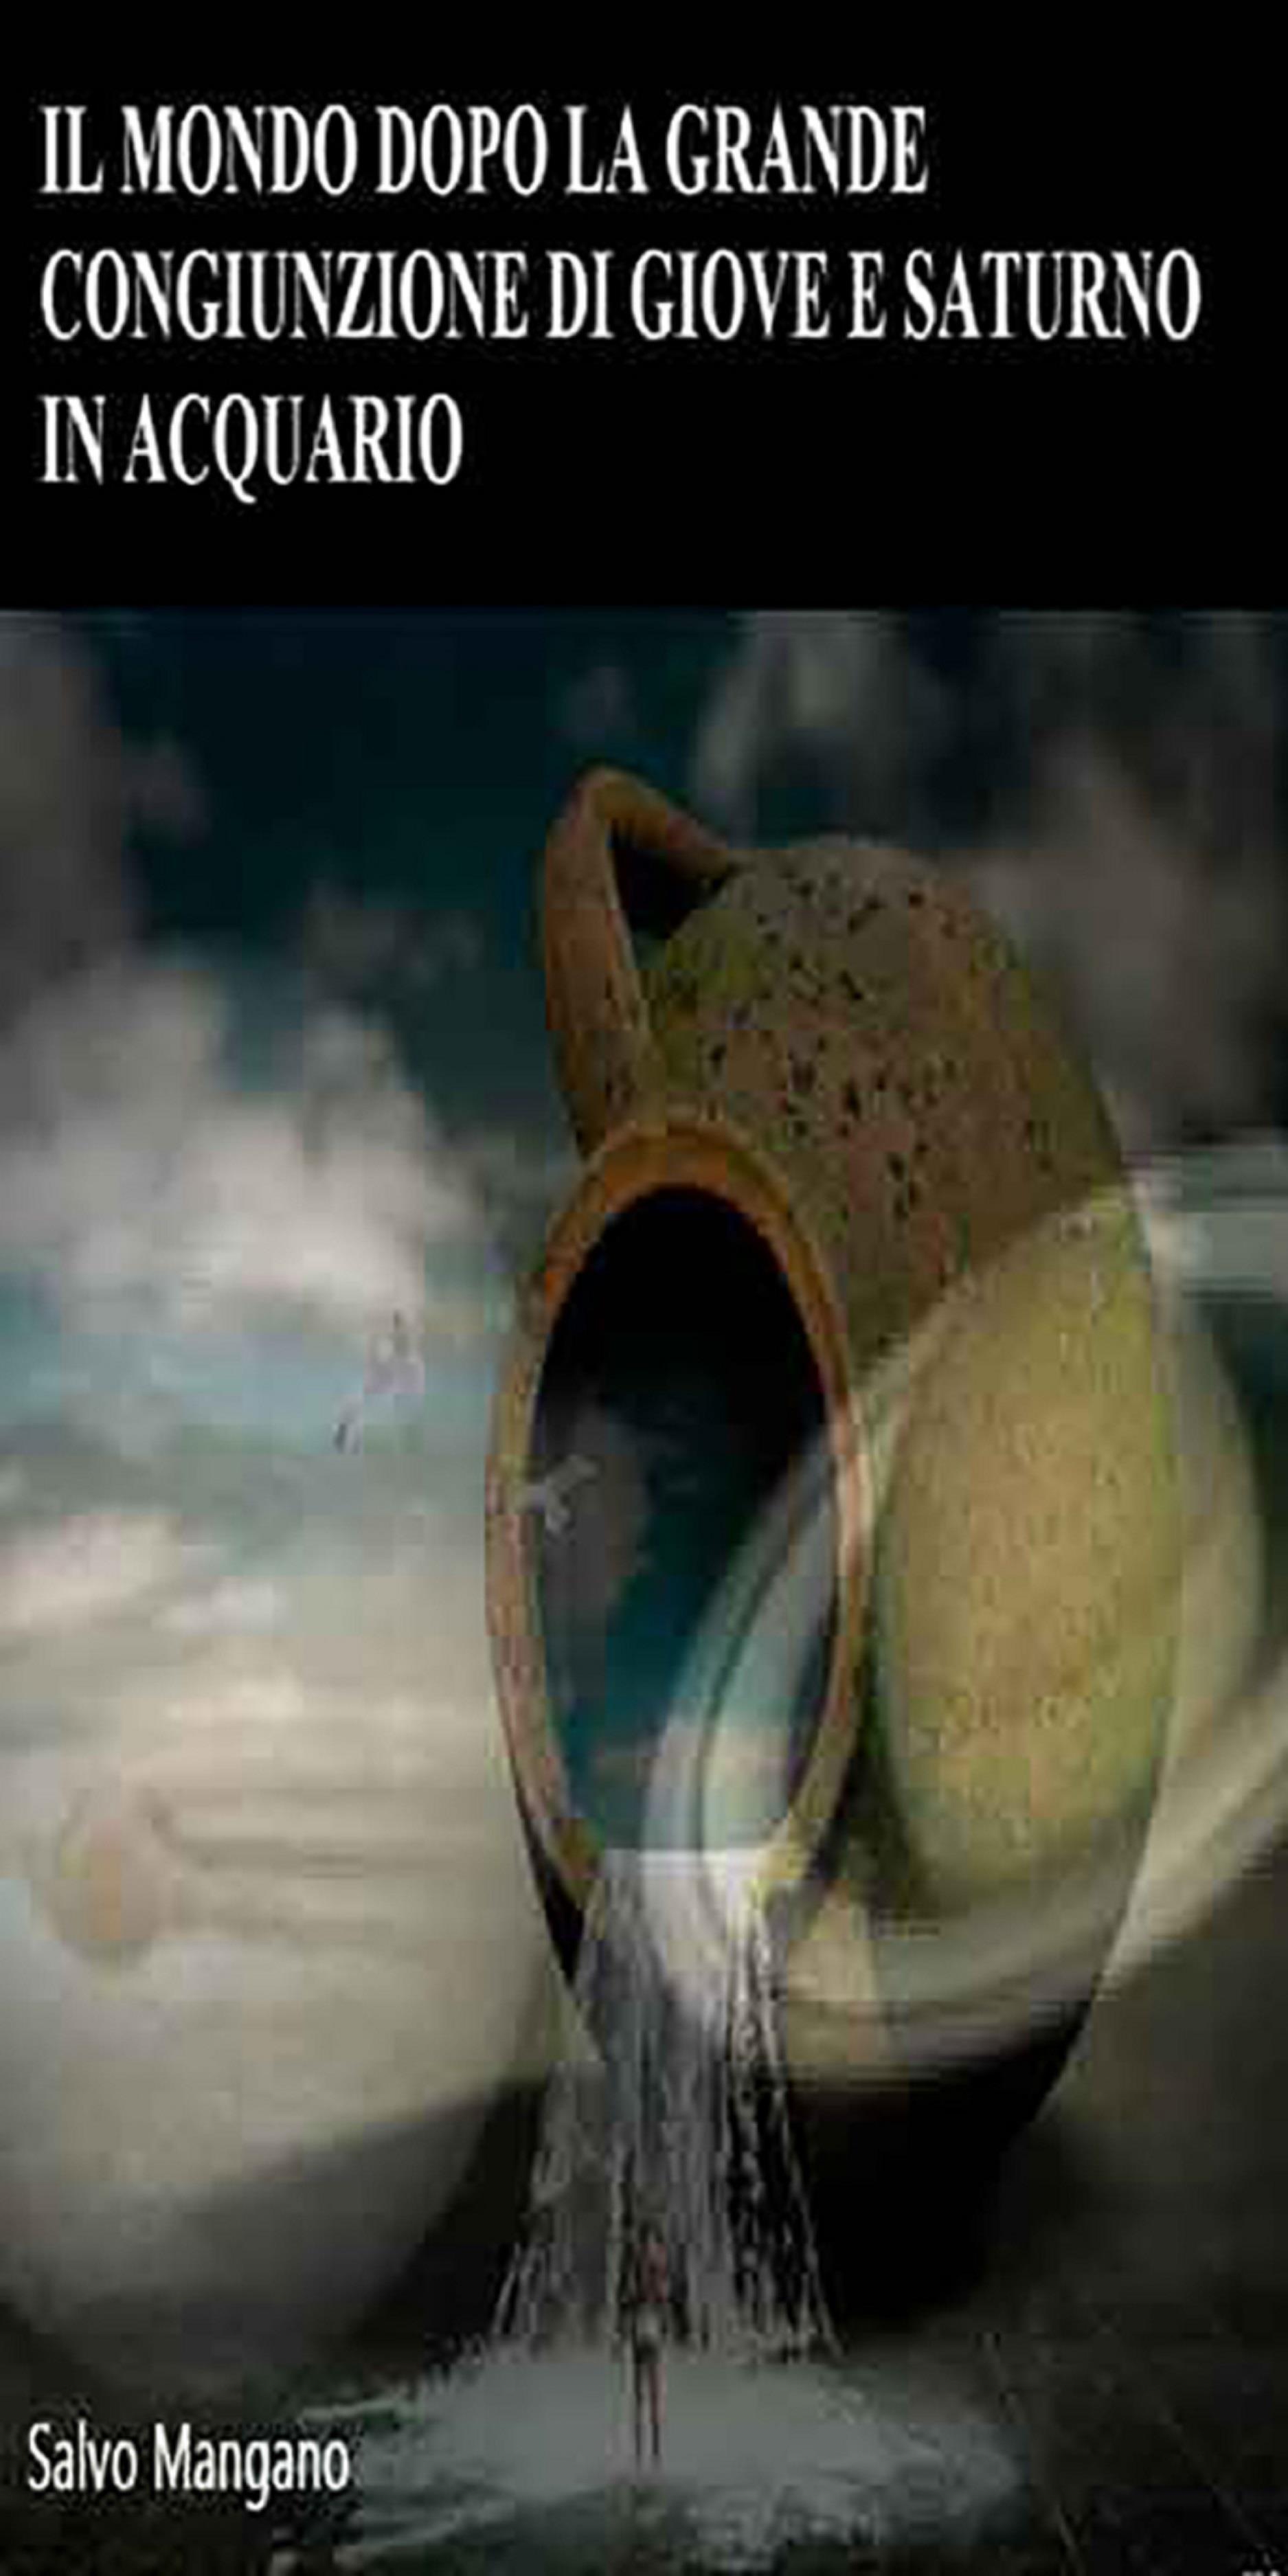 Il mondo dopo la grande congiunzione di Giove e Saturno in Acquario